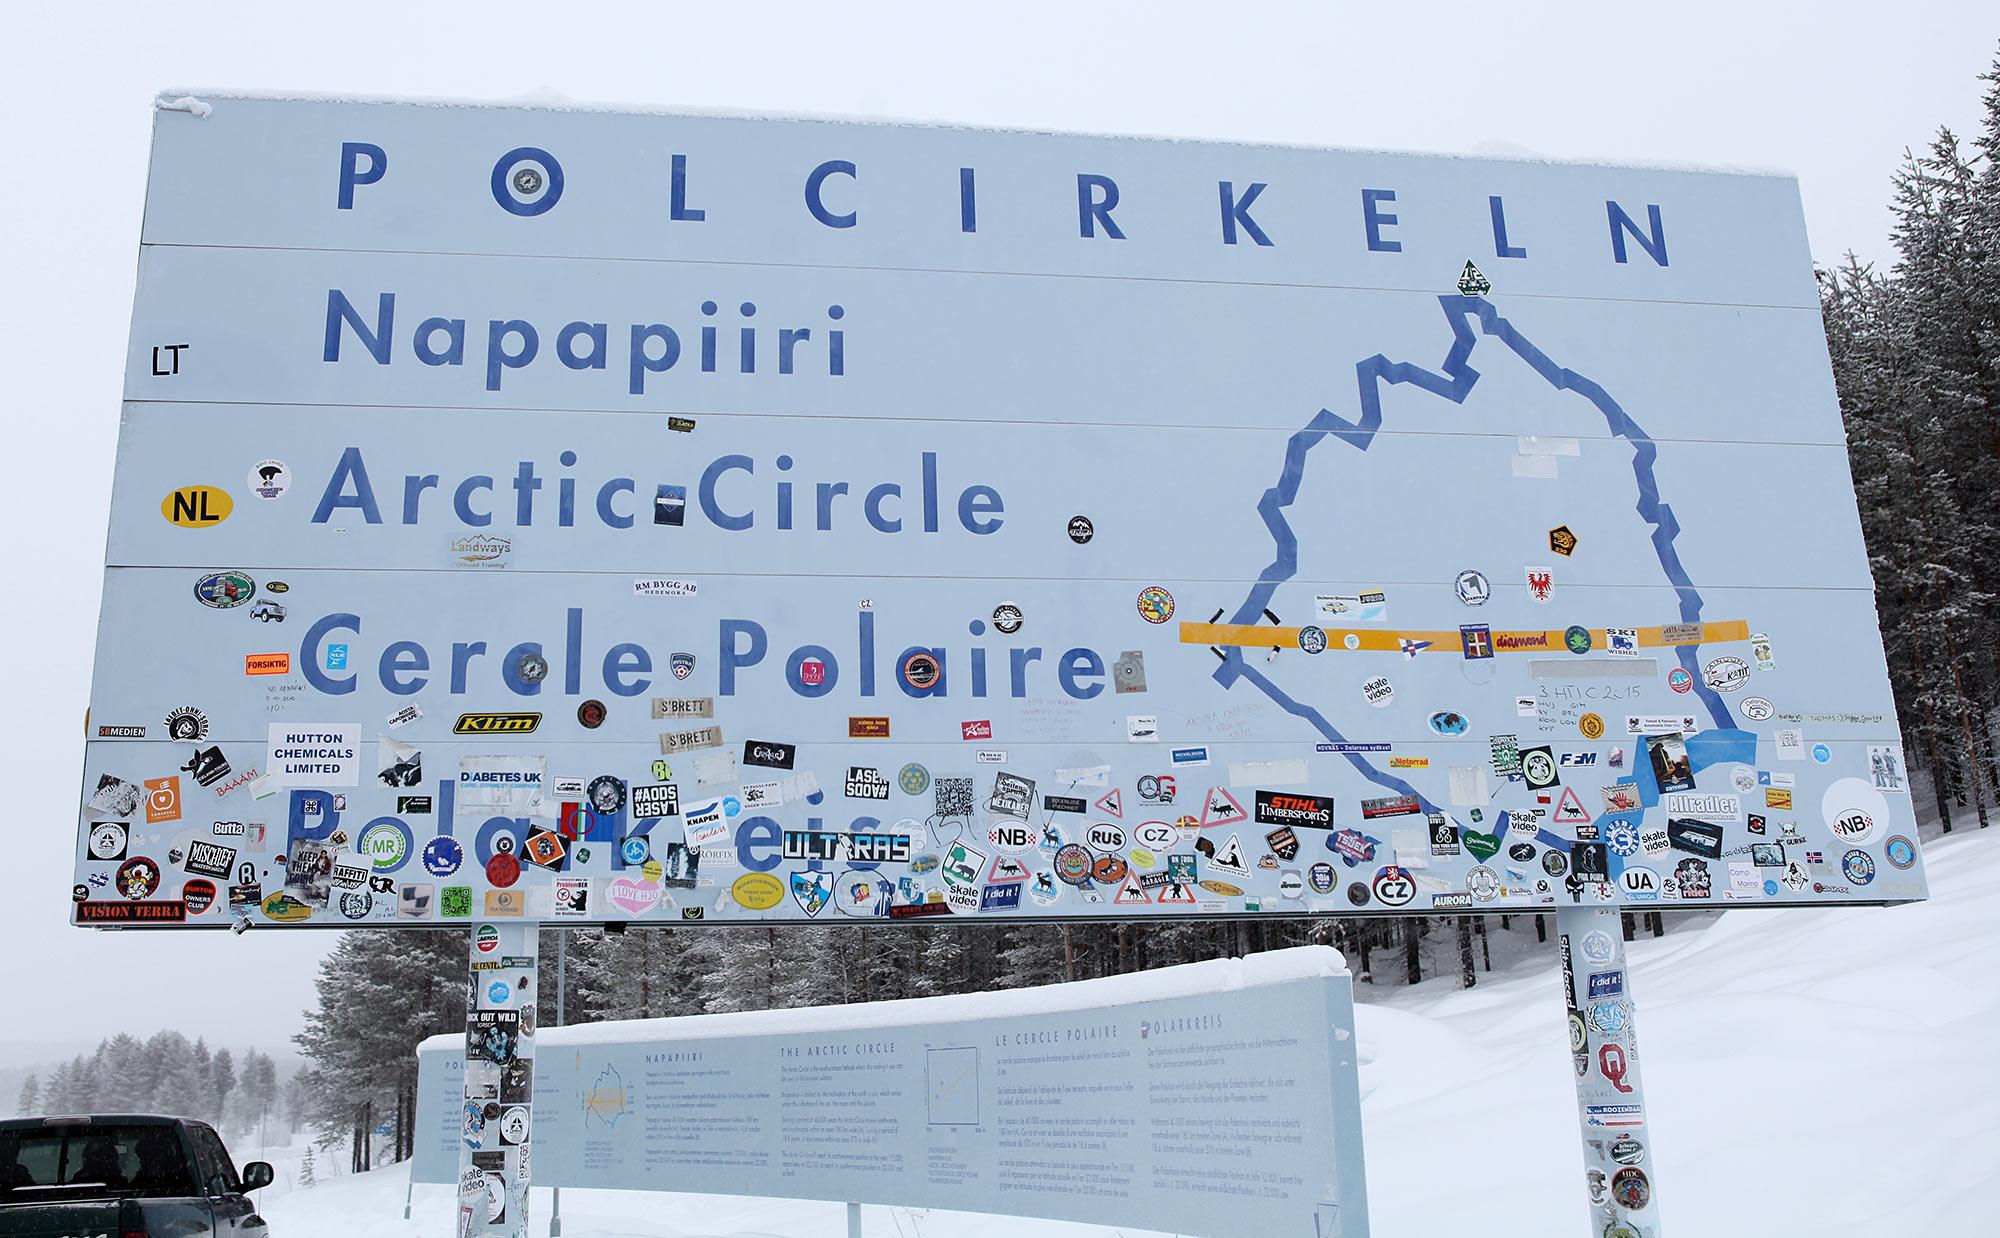 abenteuerreich Erlebnistouren, jokkmok, wintermarkt, sami, geführte wintertour, Fotoreise, Fotoworkshop